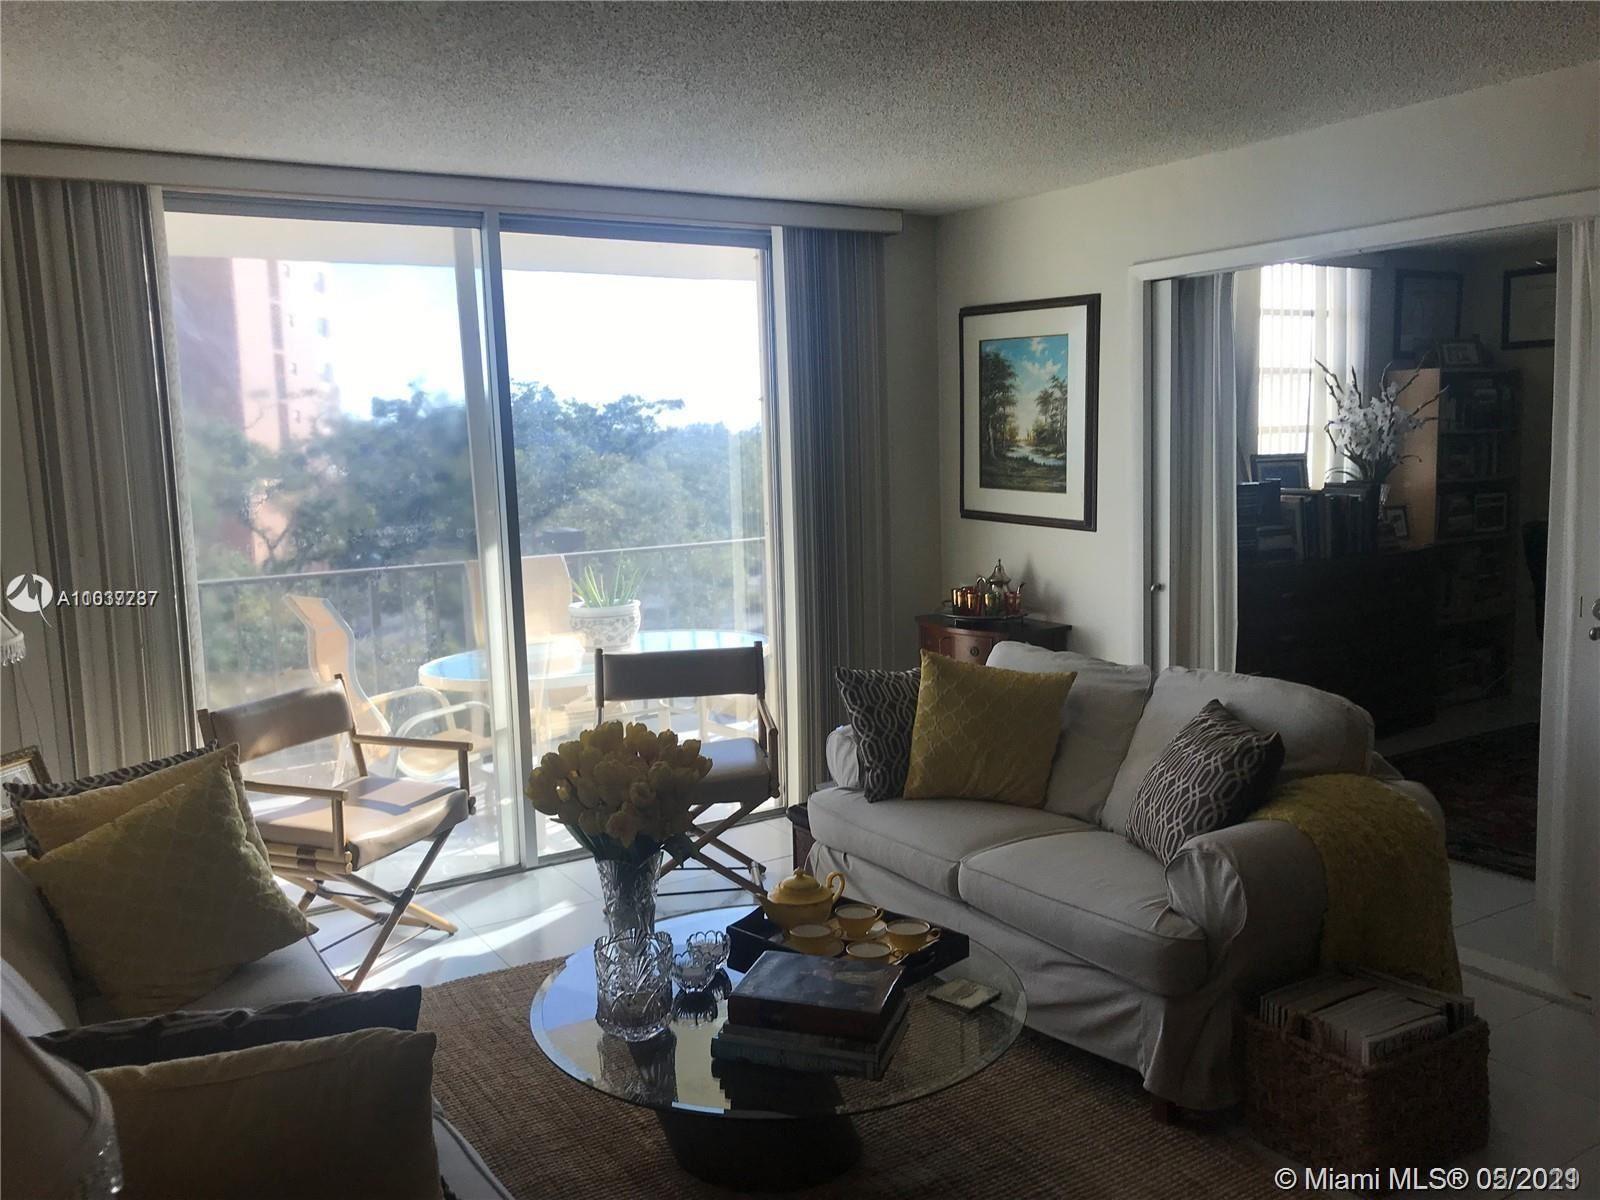 Photo of 1470 NE 125th Ter #407, North Miami, FL 33161 (MLS # A11037787)